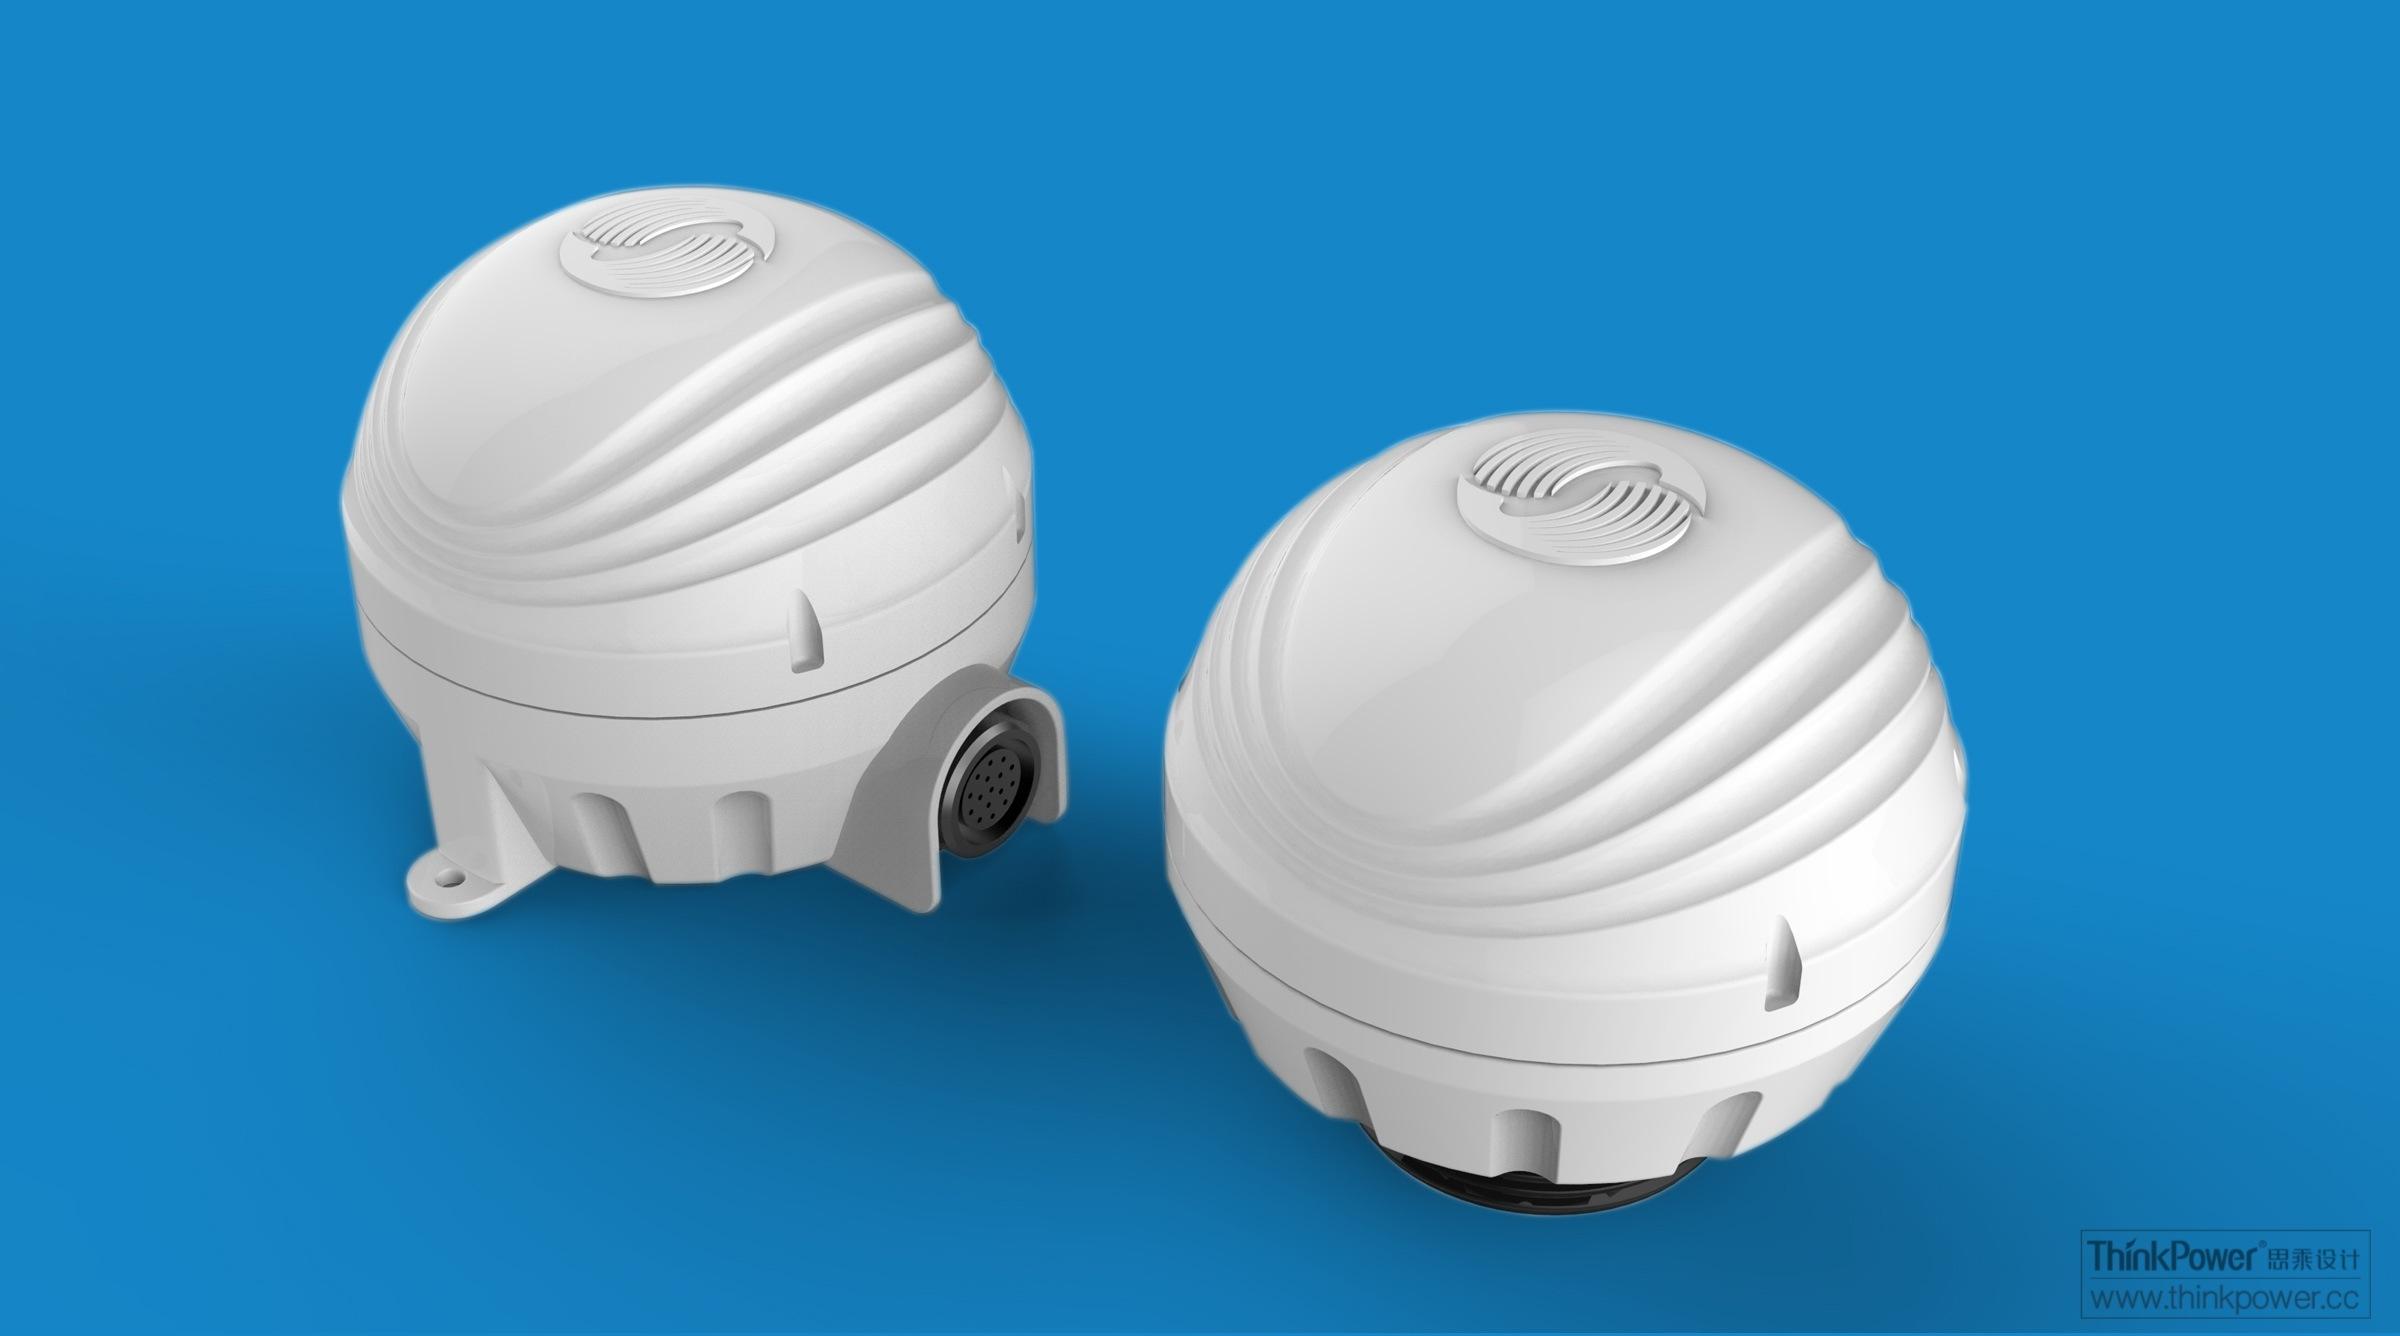 海用型北斗天线 - 专业设备 - 北京思乘创新工业设计